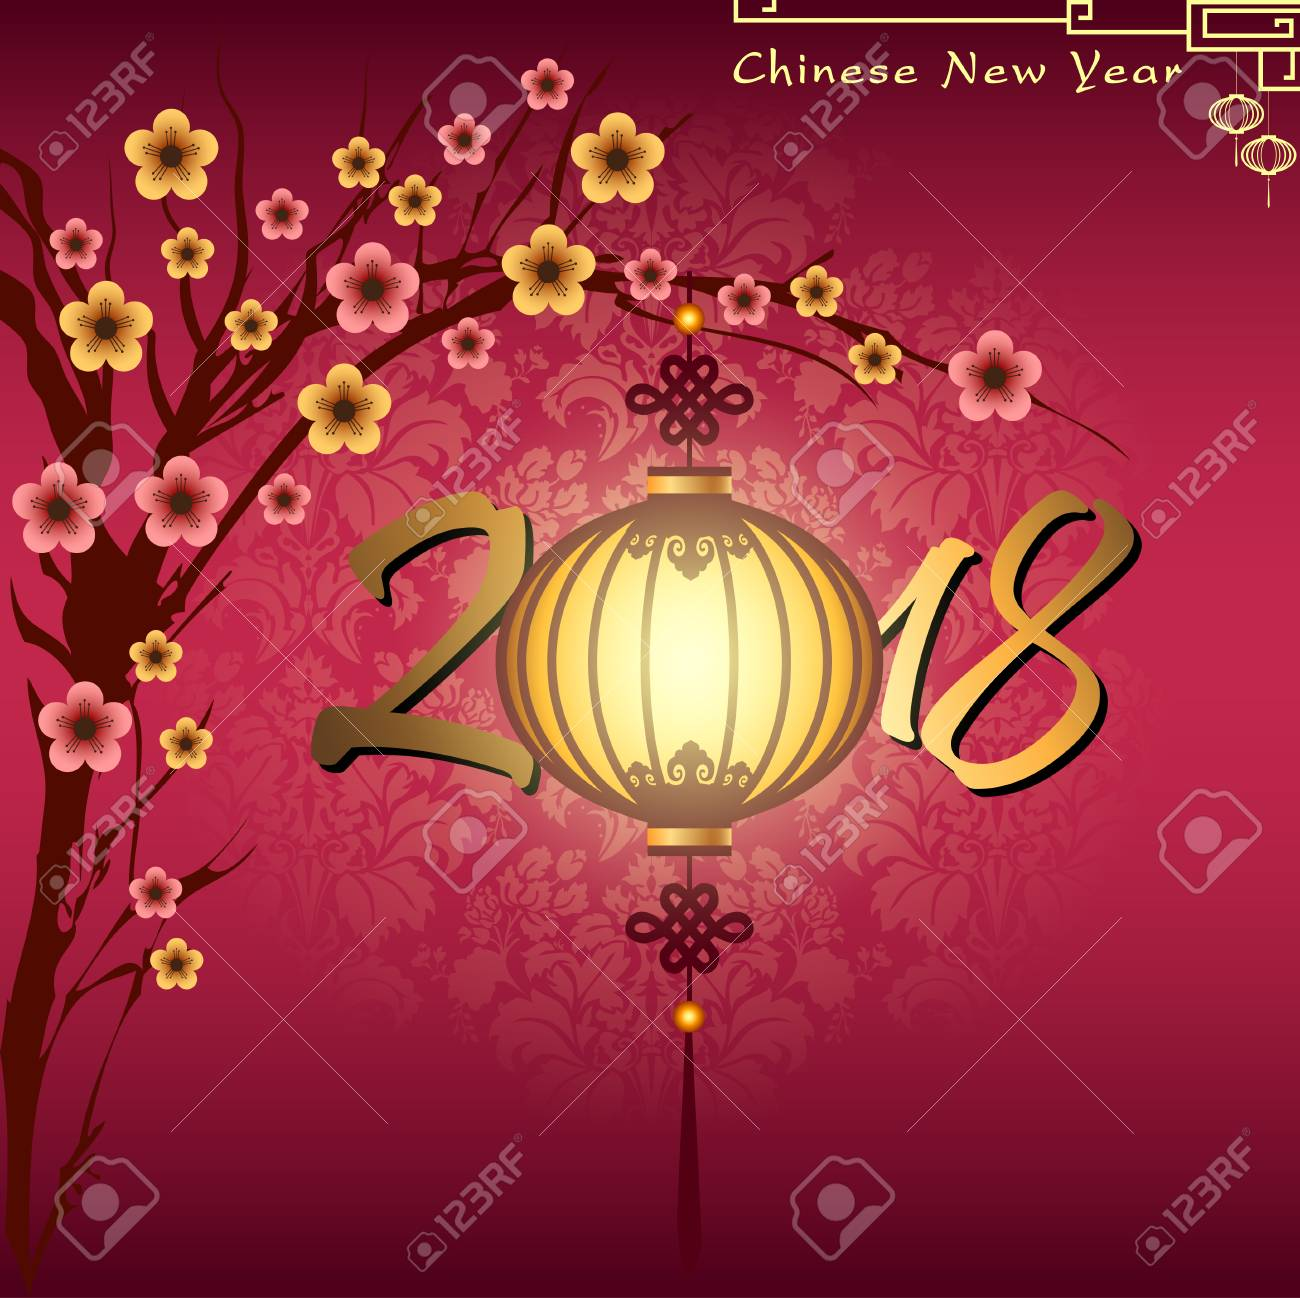 Año Nuevo Chino Abstracto Con La Fraseología China Tradicional. El ...